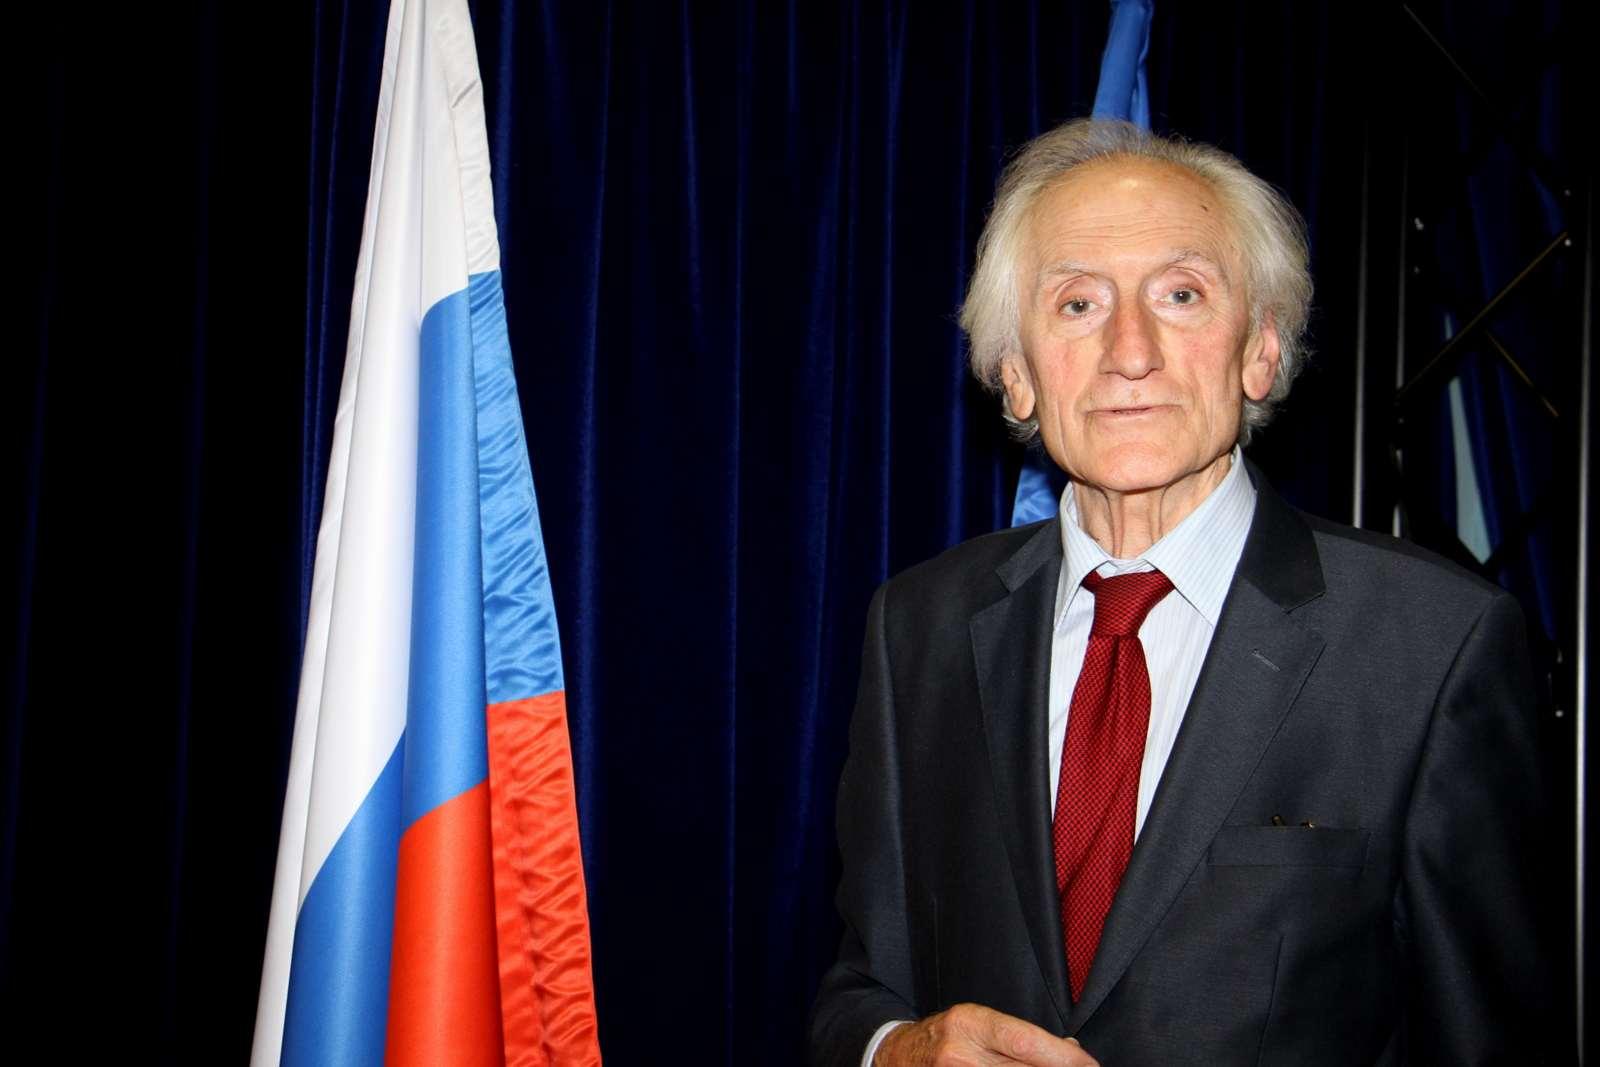 IMG 9073 001 Осам деценија Комнена Бећировића